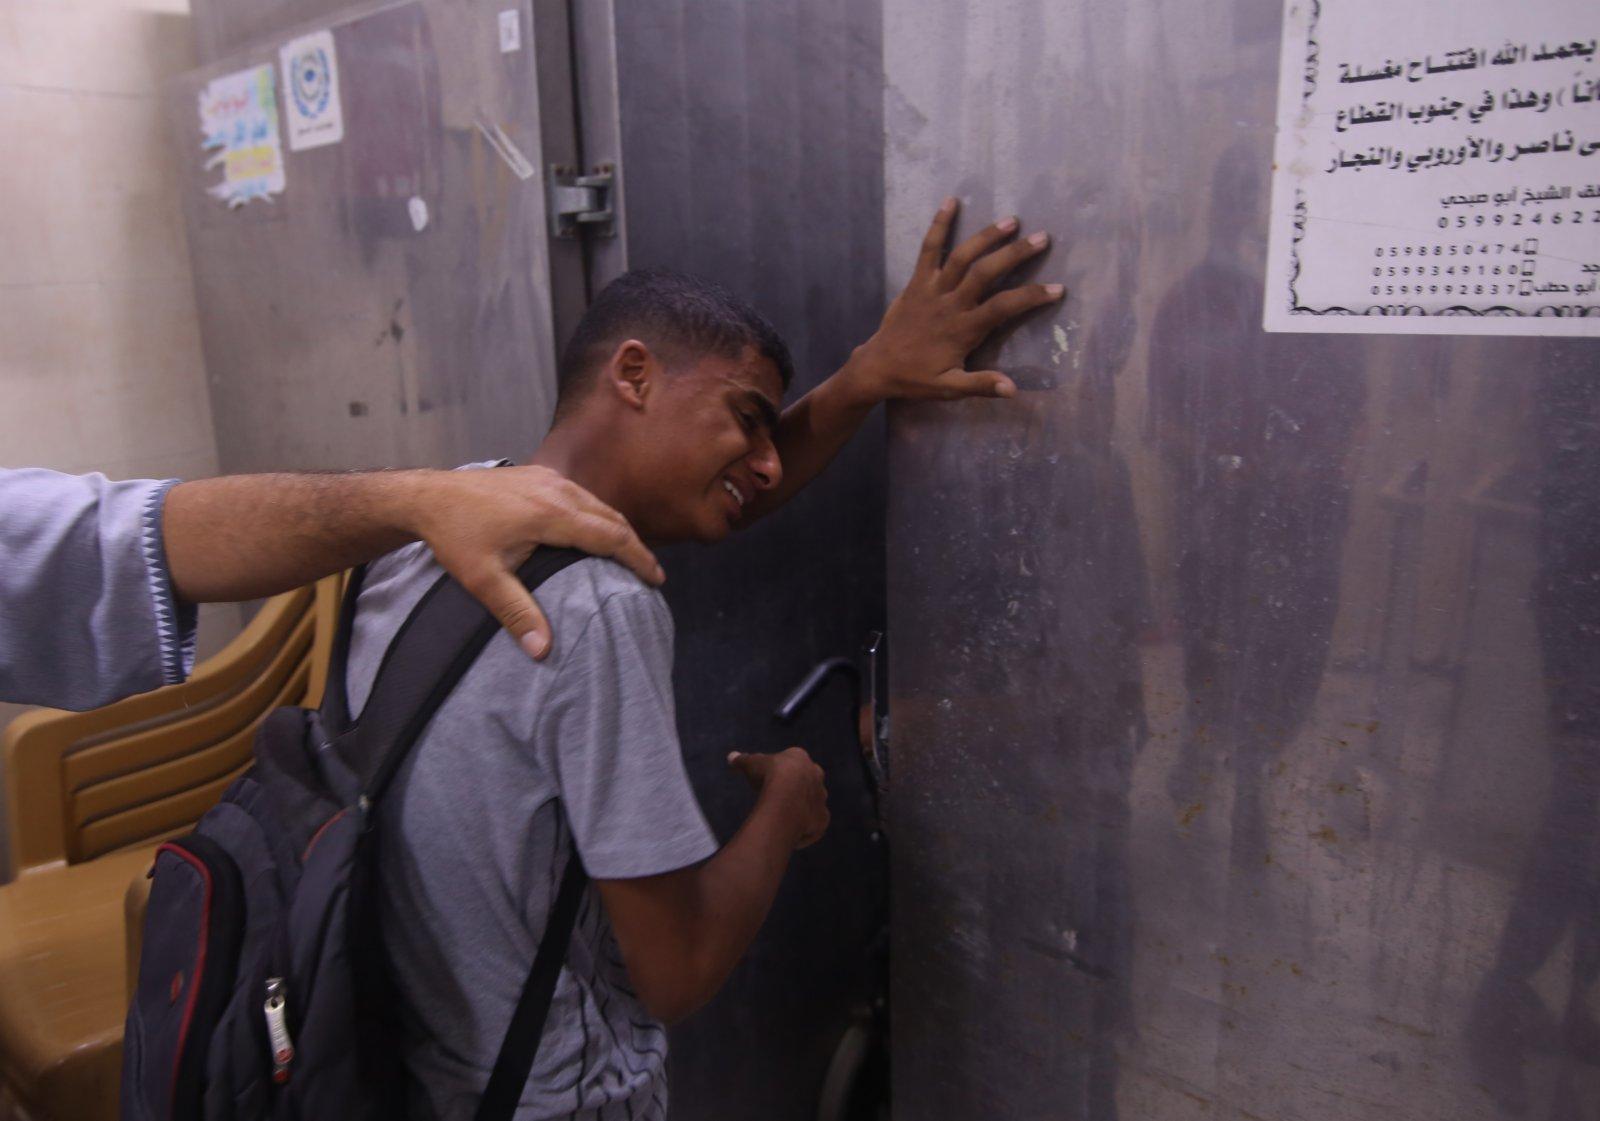 5月13日,在加沙地帶城市拉法,一名巴勒斯坦人在親屬去世後悲痛不已。(新華社)